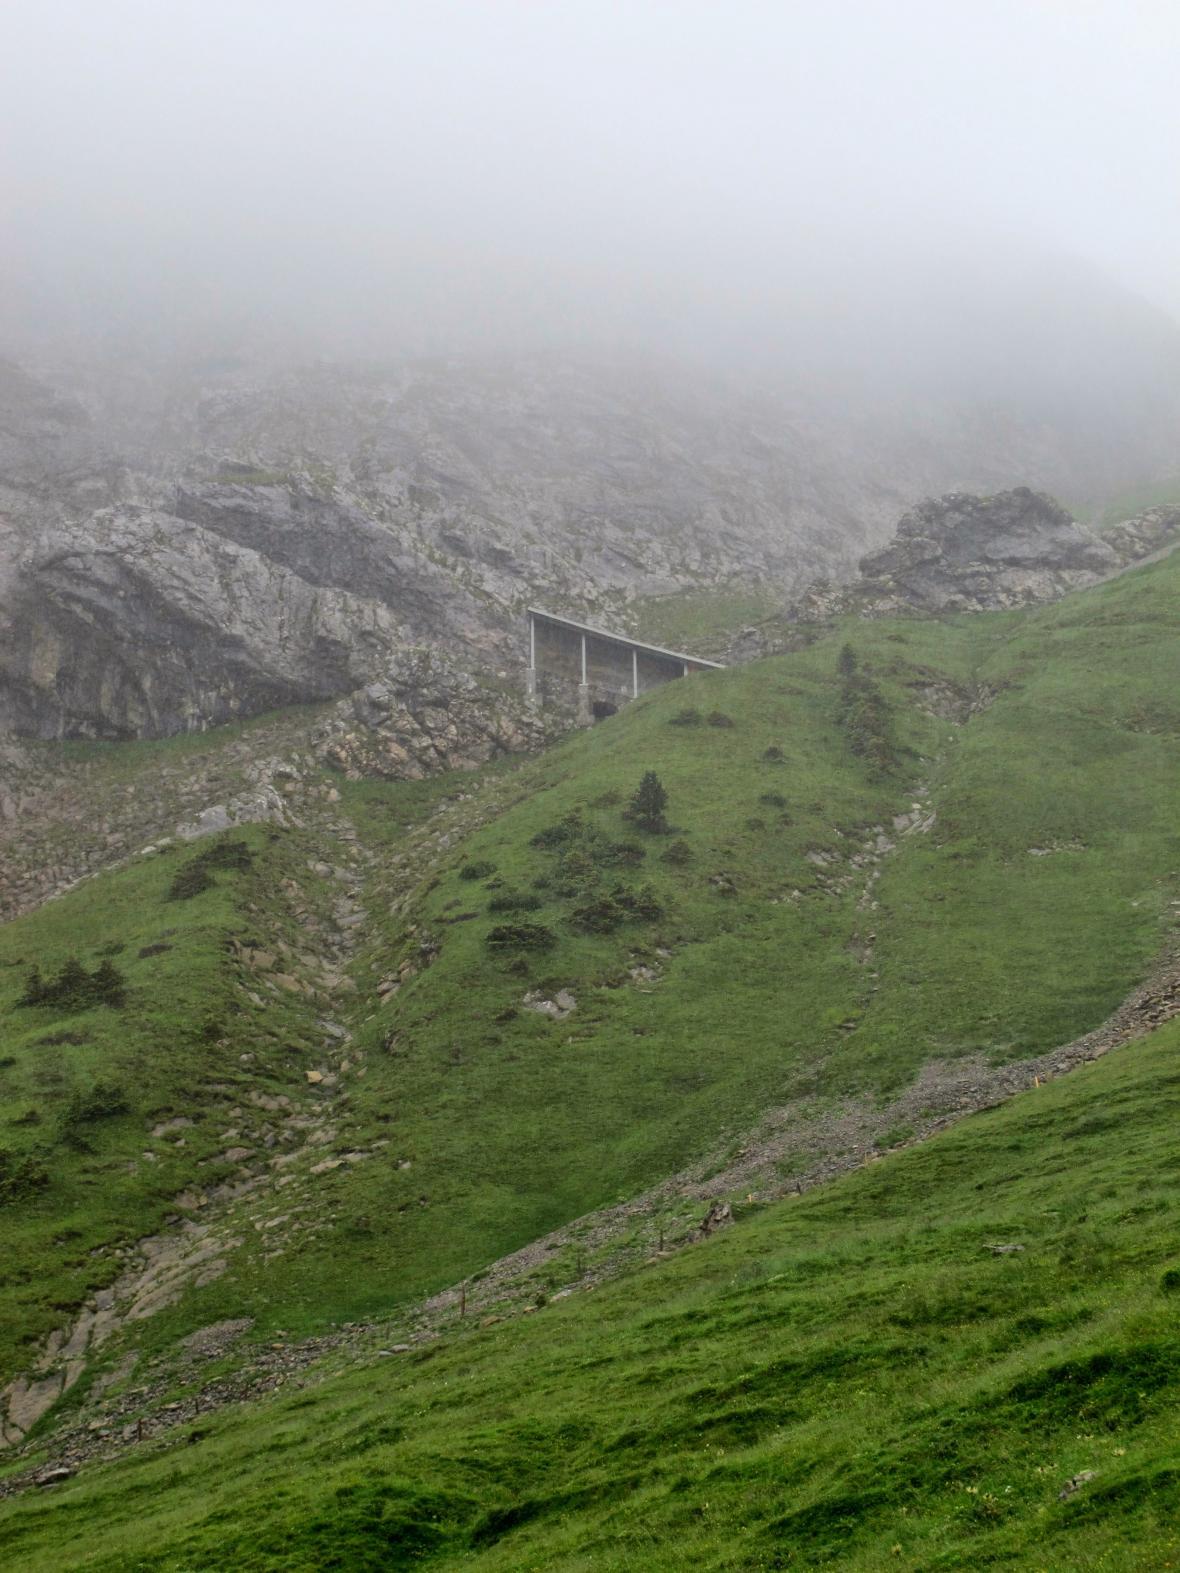 Strmá ozubnicová trať na svahu hory Pilatus